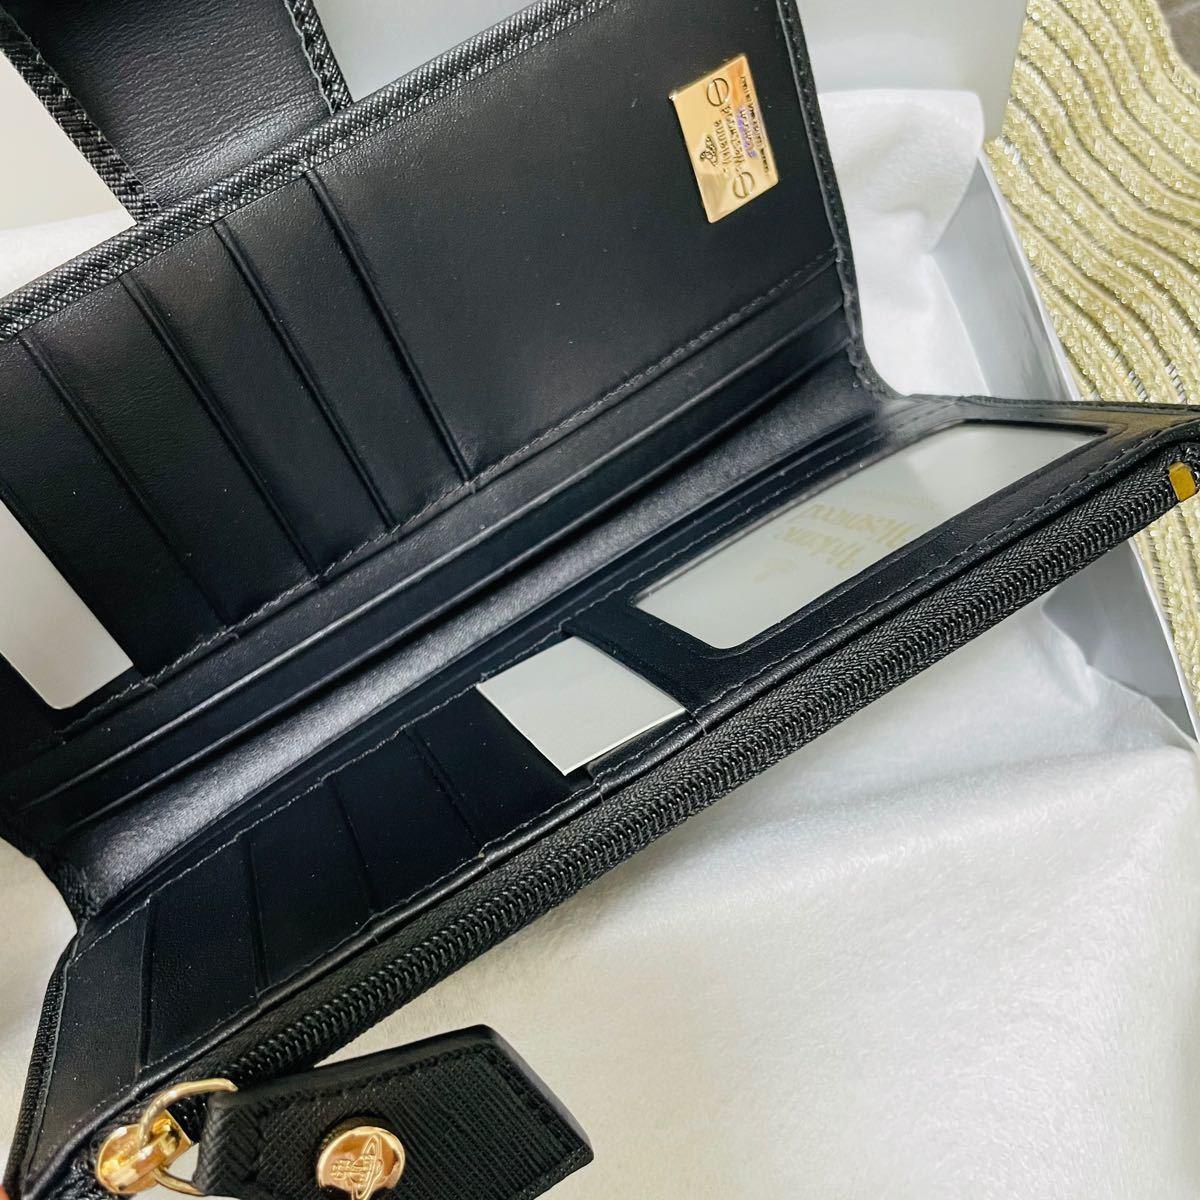 《 新品未使用 》Vivienne Westwood 長財布 二つ折り 黒 ヴィヴィアンウエストウッド レディース財布